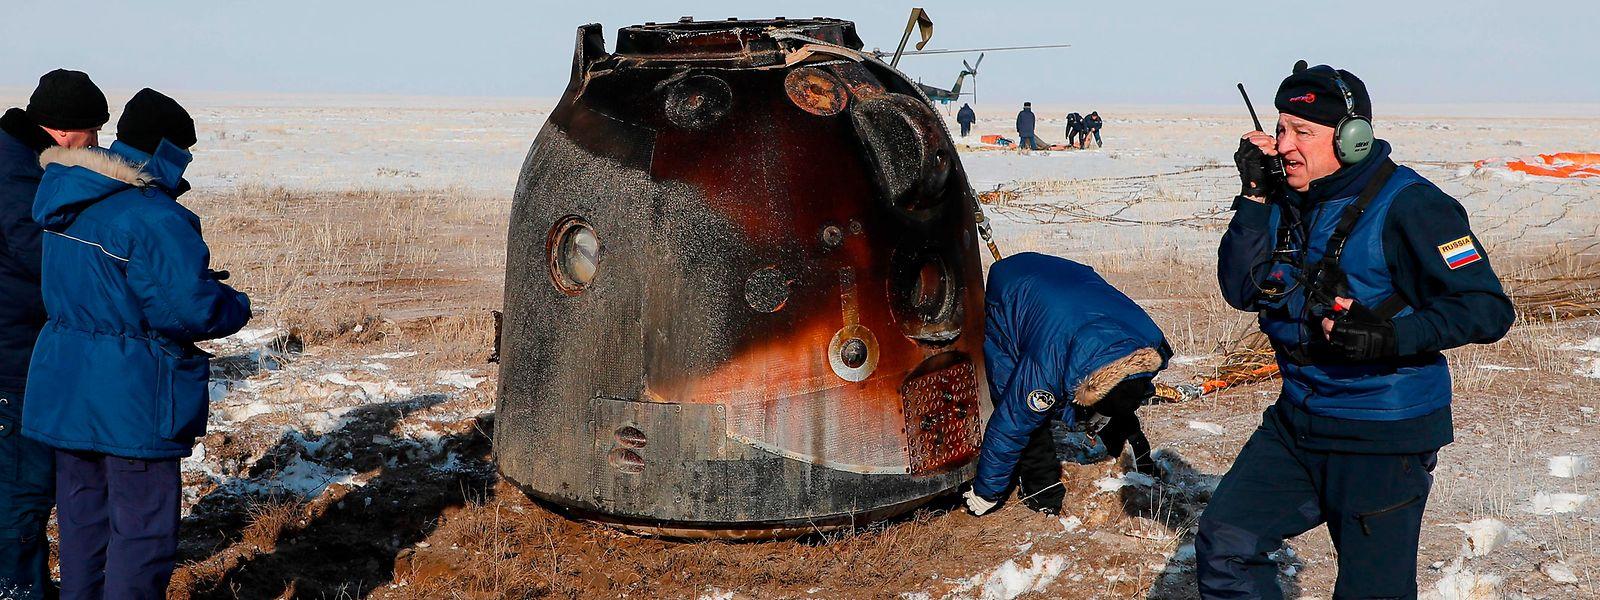 La capsule Soyouz, avec à son bord Christina Koch et ses collègues, Luca Parmitano de l'Agence spatiale européenne et le cosmonaute russe Alexandre Skvortsov, a atterri dans les steppes du Kazakhstan, en Asie centrale ce jeudi matin